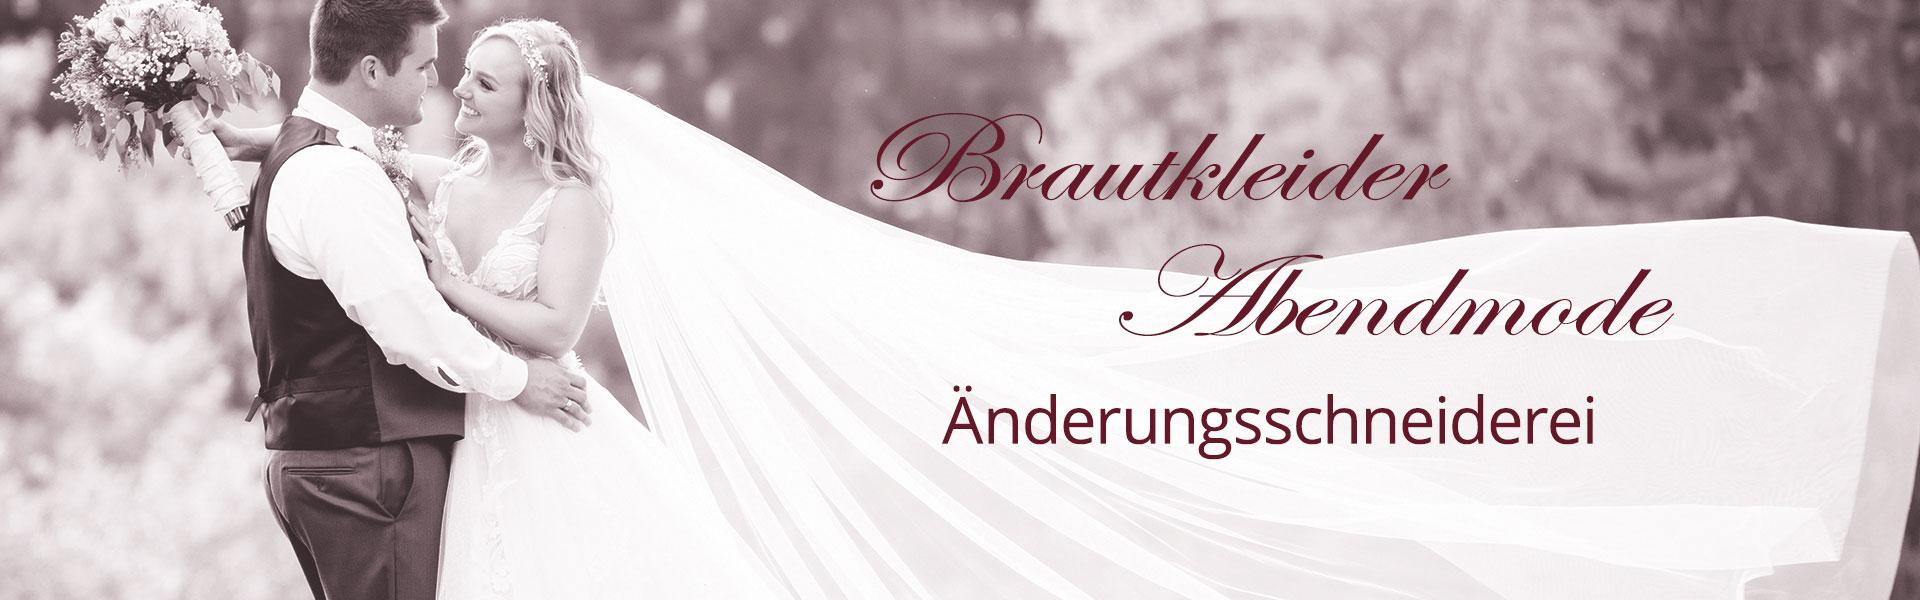 Brautmode Alawi - Brautkleider und Abendmode in Lübeck ...